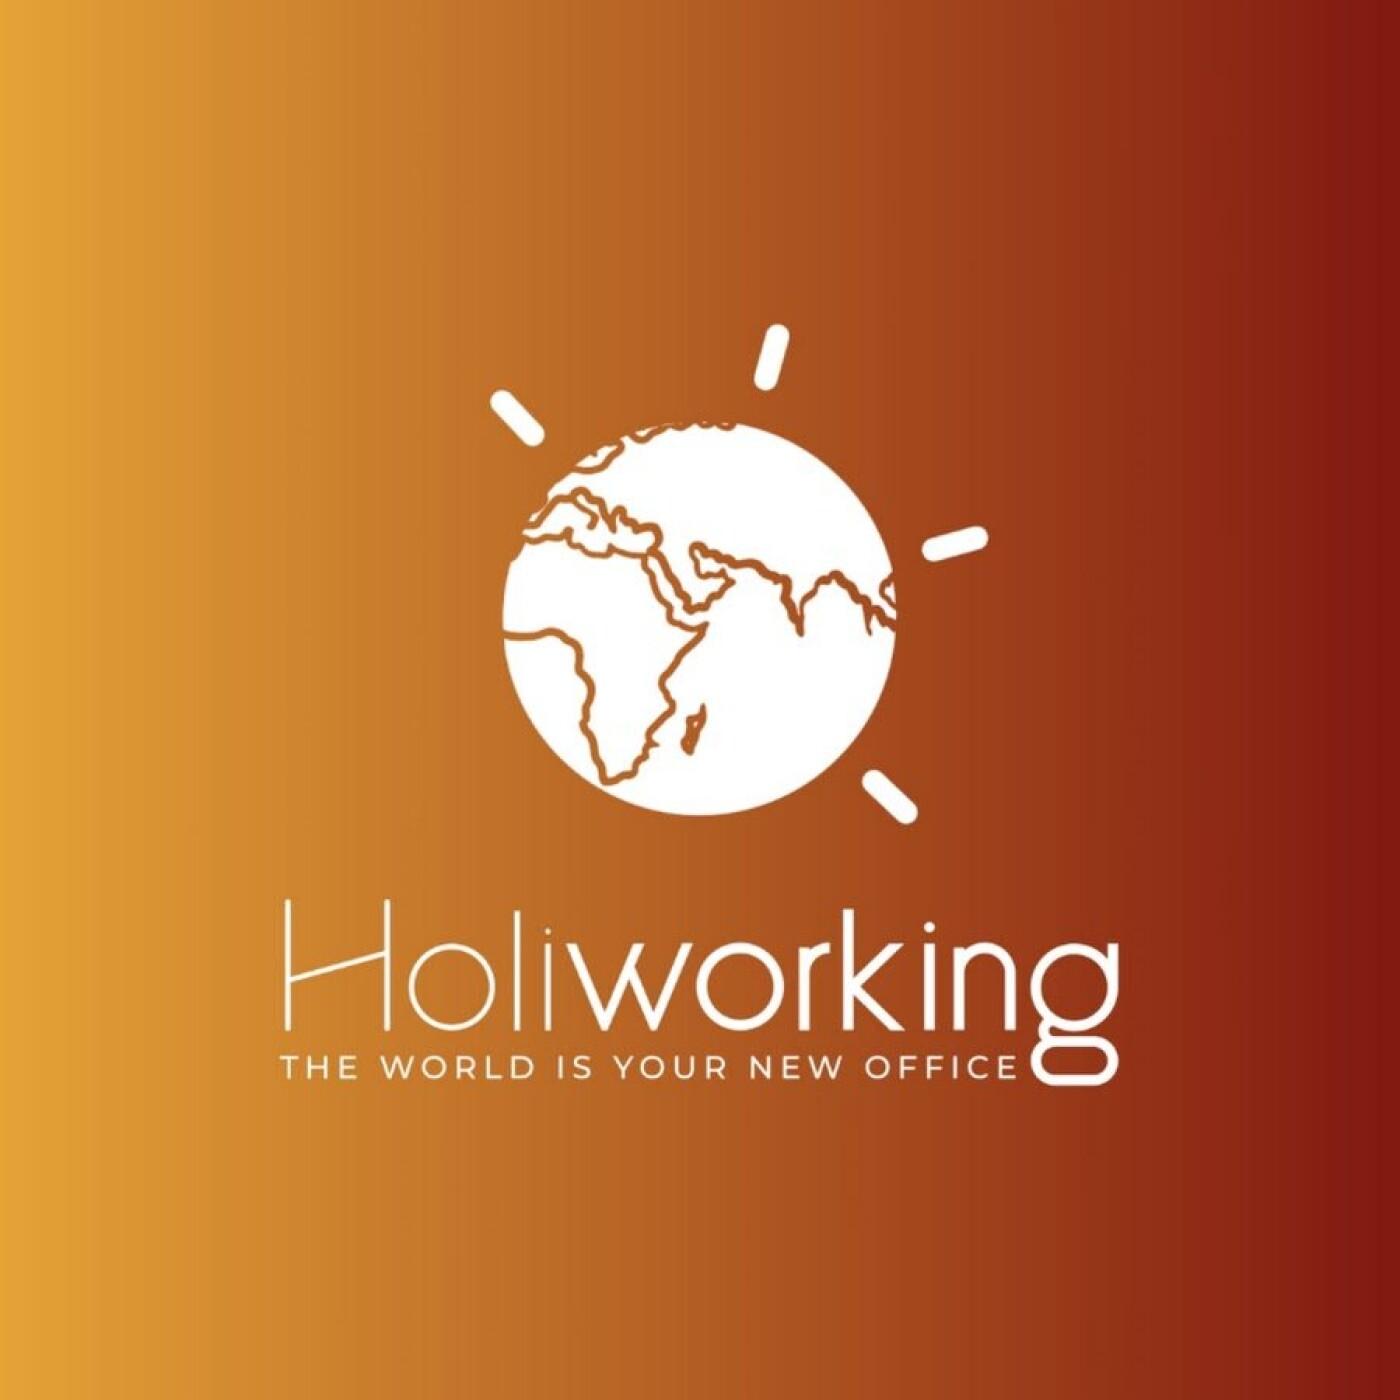 Yann présente le concept de télétravail génial, Holiworking - 08 04 21 - StereoChic Radio